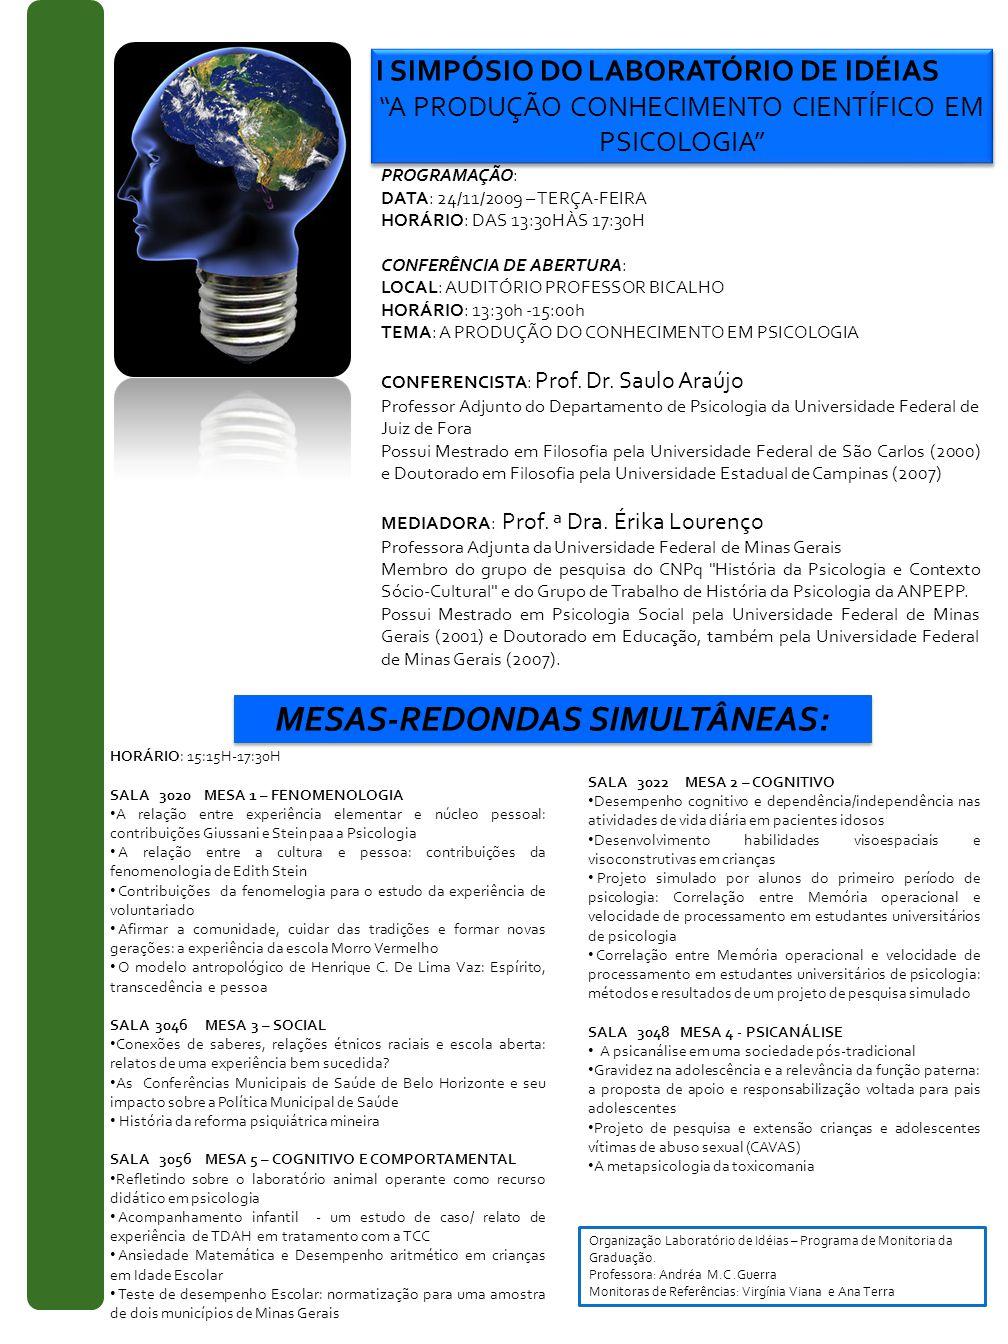 I SIMPÓSIO DO LABORATÓRIO DE IDÉIAS A PRODUÇÃO CONHECIMENTO CIENTÍFICO EM PSICOLOGIA I SIMPÓSIO DO LABORATÓRIO DE IDÉIAS A PRODUÇÃO CONHECIMENTO CIENTÍFICO EM PSICOLOGIA PROGRAMAÇÃO: DATA: 24/11/2009 – TERÇA-FEIRA HORÁRIO: DAS 13:30H ÀS 17:30H CONFERÊNCIA DE ABERTURA: LOCAL: AUDITÓRIO PROFESSOR BICALHO HORÁRIO: 13:30h -15:00h TEMA: A PRODUÇÃO DO CONHECIMENTO EM PSICOLOGIA CONFERENCISTA: Prof.